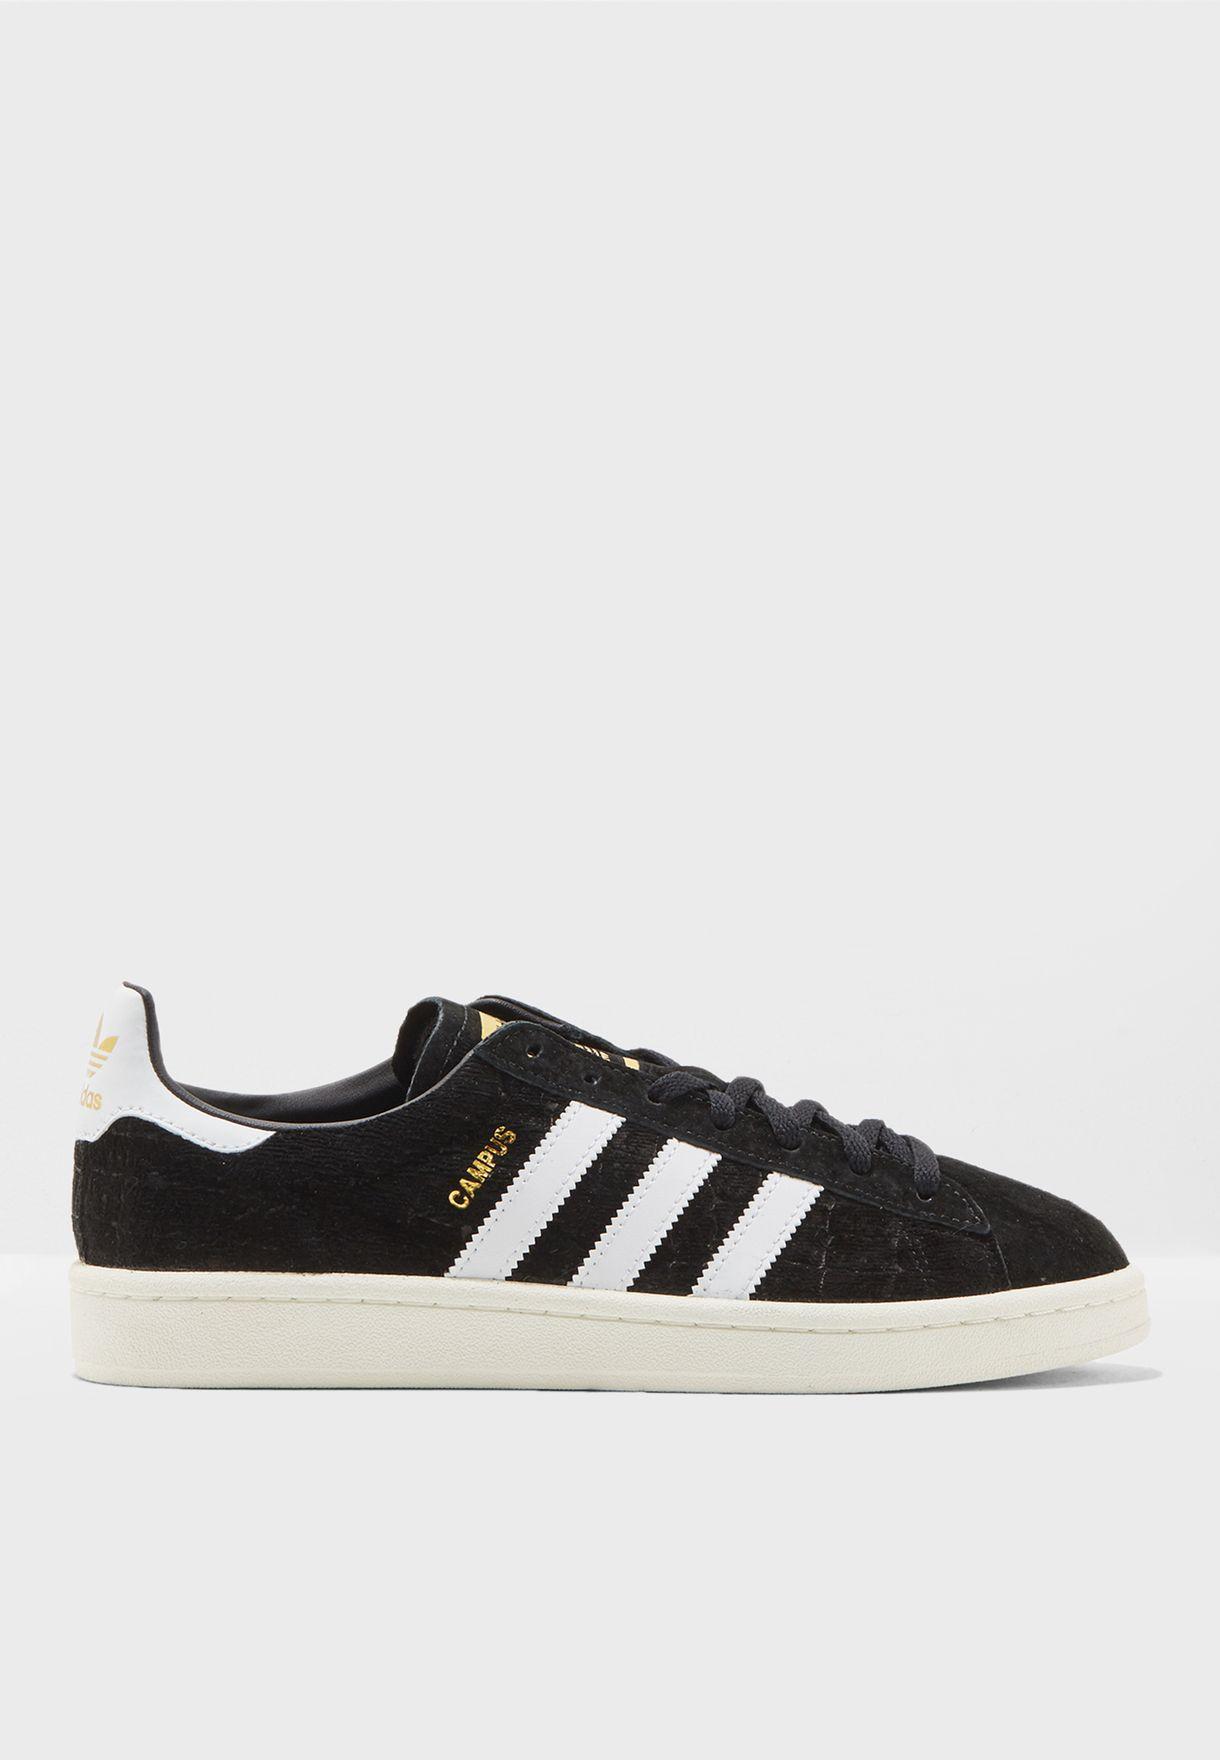 Details zu Adidas Originals Frauen Sneaker Schuhe Campus Schwarz Weiß CQ2095